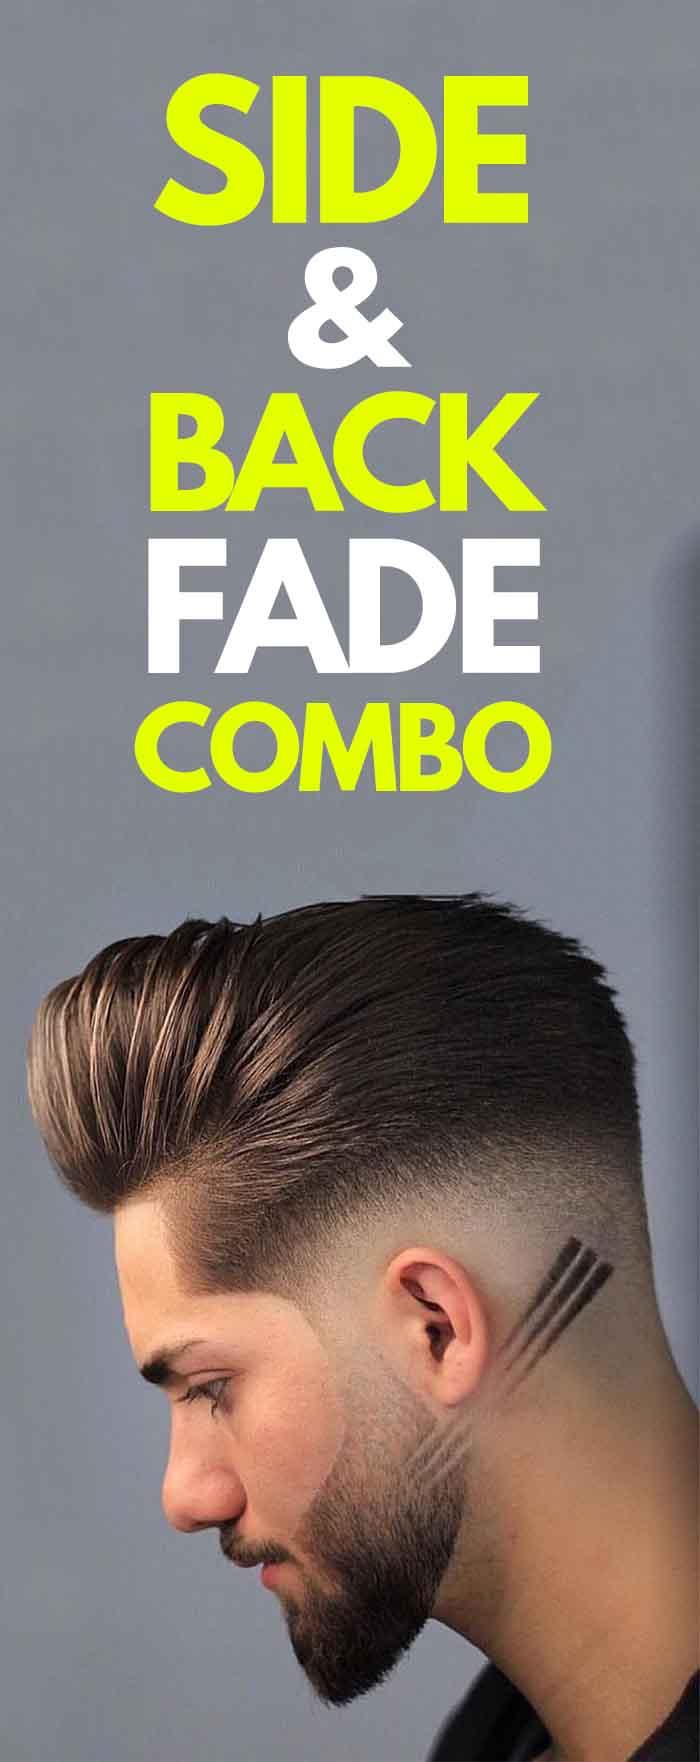 Side & Back Fade Combo.